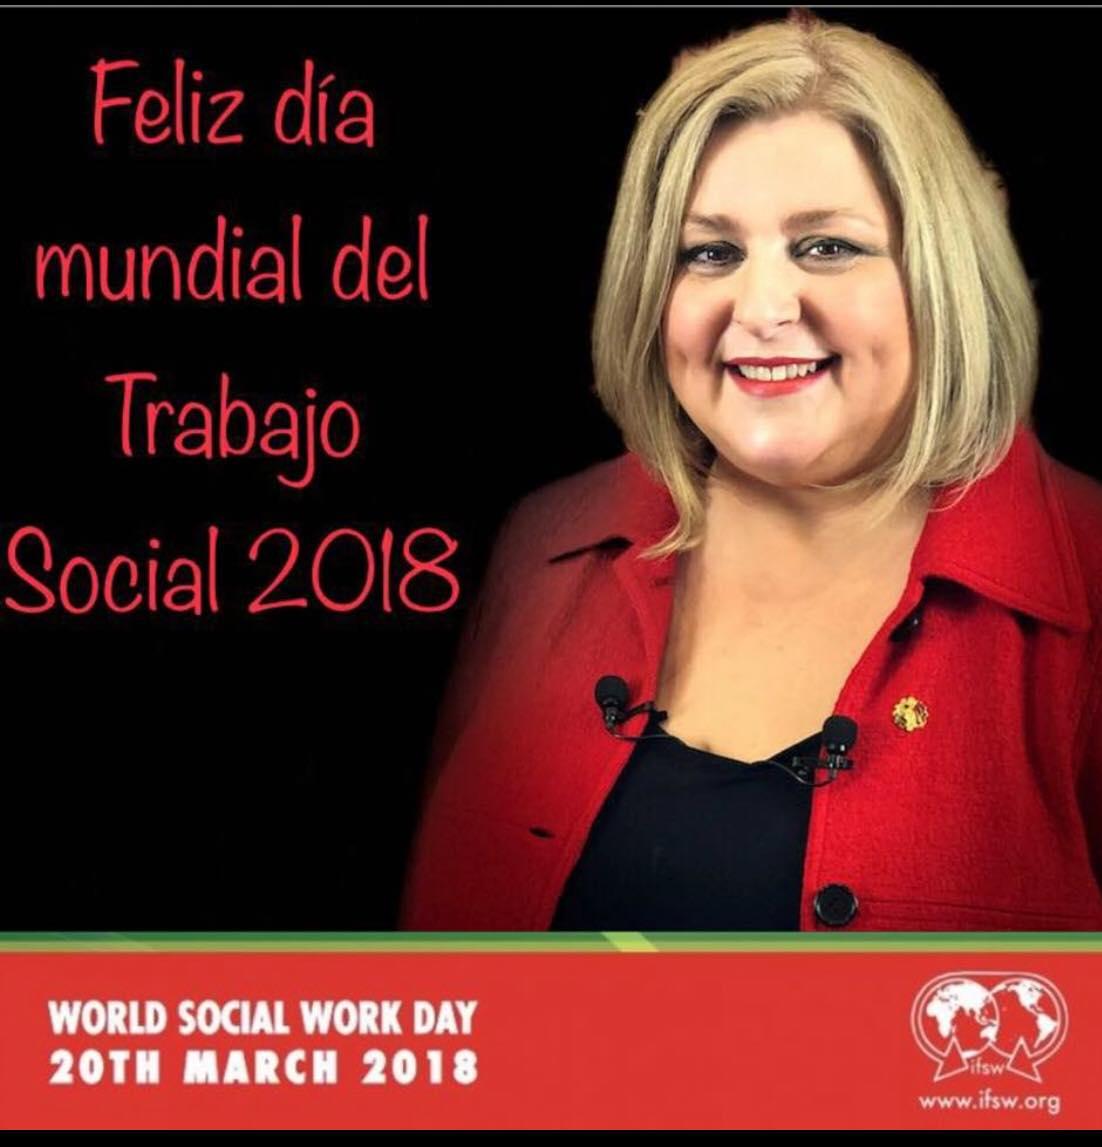 Mensaje para el Día Mundial del Trabajo Social 2018